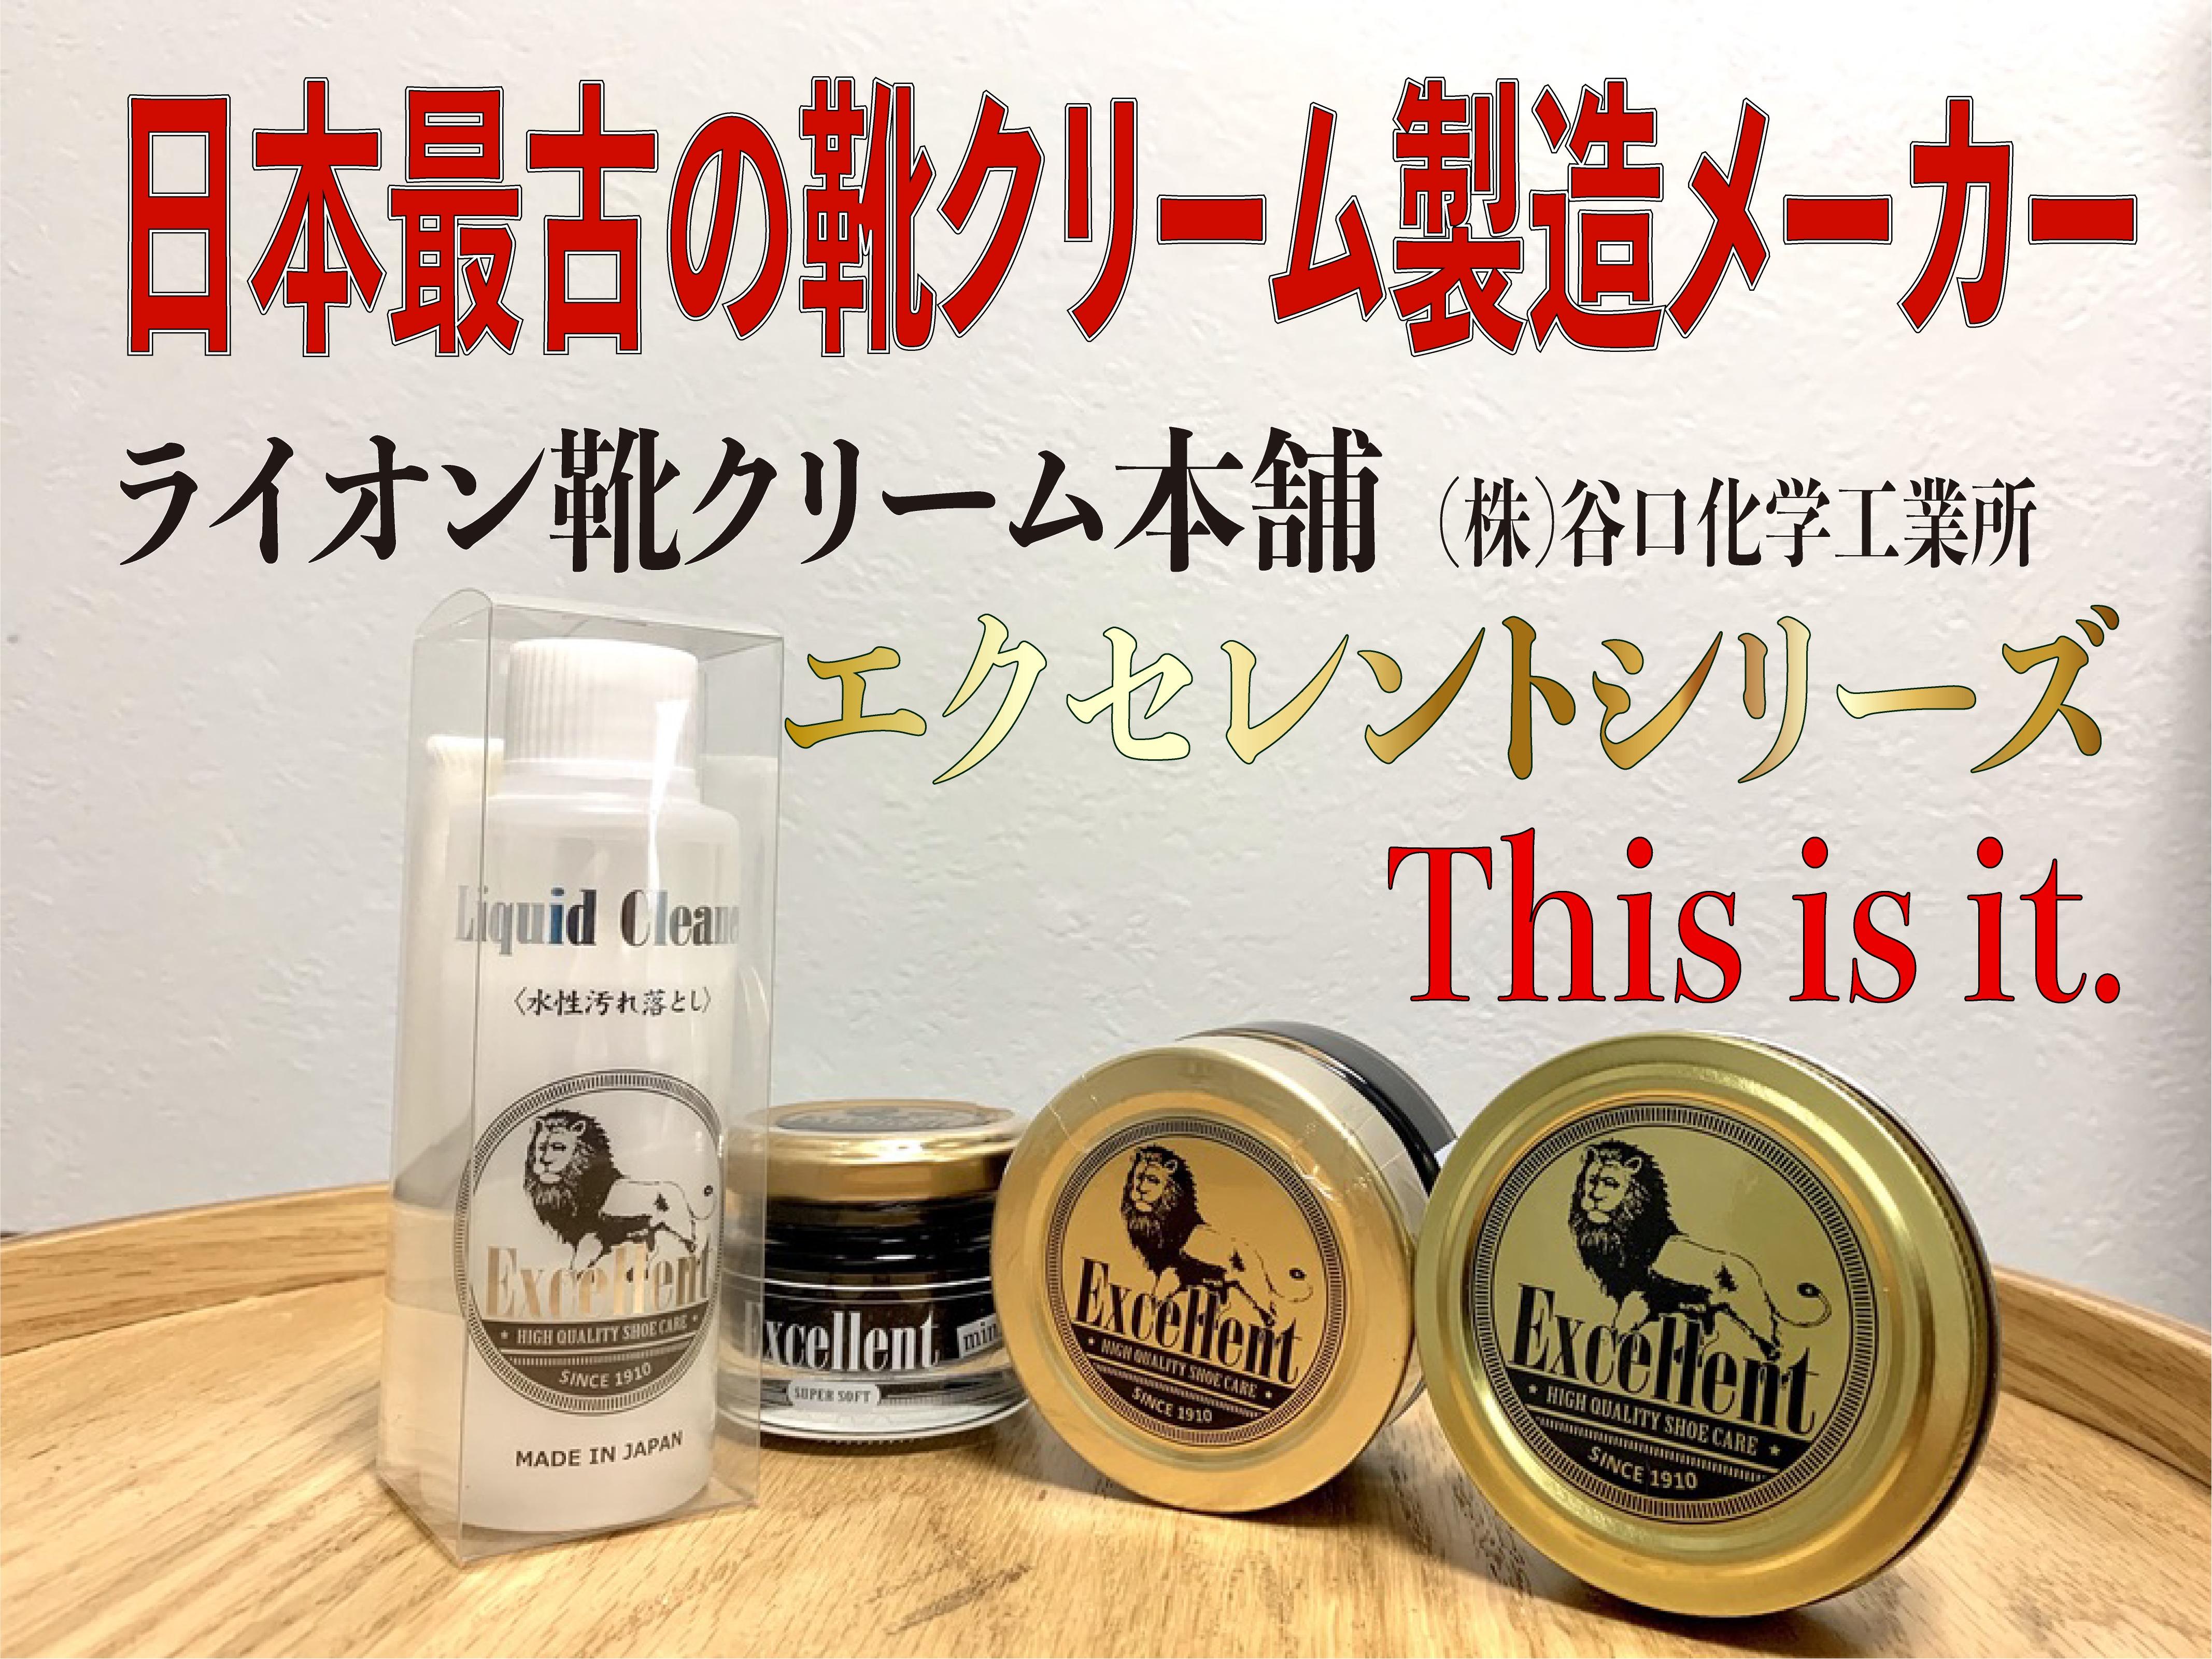 【エクセレントシリーズ】ライオン靴クリーム本舗って知ってる?